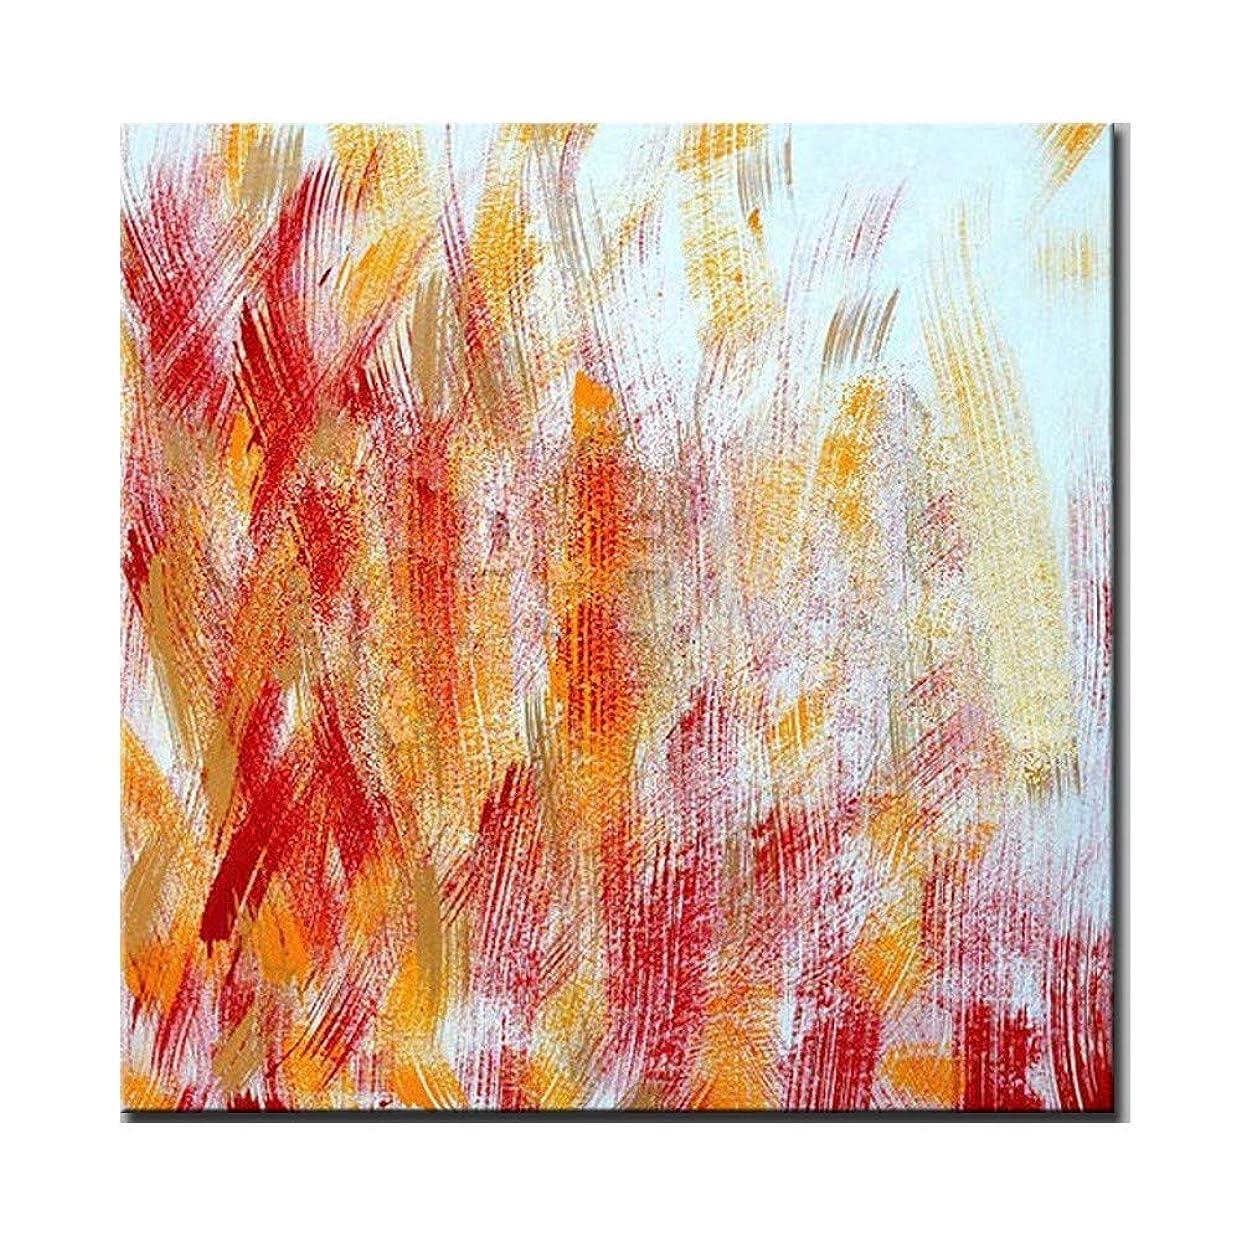 ピカソイデオロギーストライドキャンバスの表面に壁画絵画写真プリント 油絵手描き/オレンジ赤黄色ライン/寝室のソファーの背景壁の油絵/子供部屋の装飾 キャンバスに壁アートの装飾ポスターアートワークホームオフィスの装飾の写真ウォールアート (サイズ : 90X90CM)